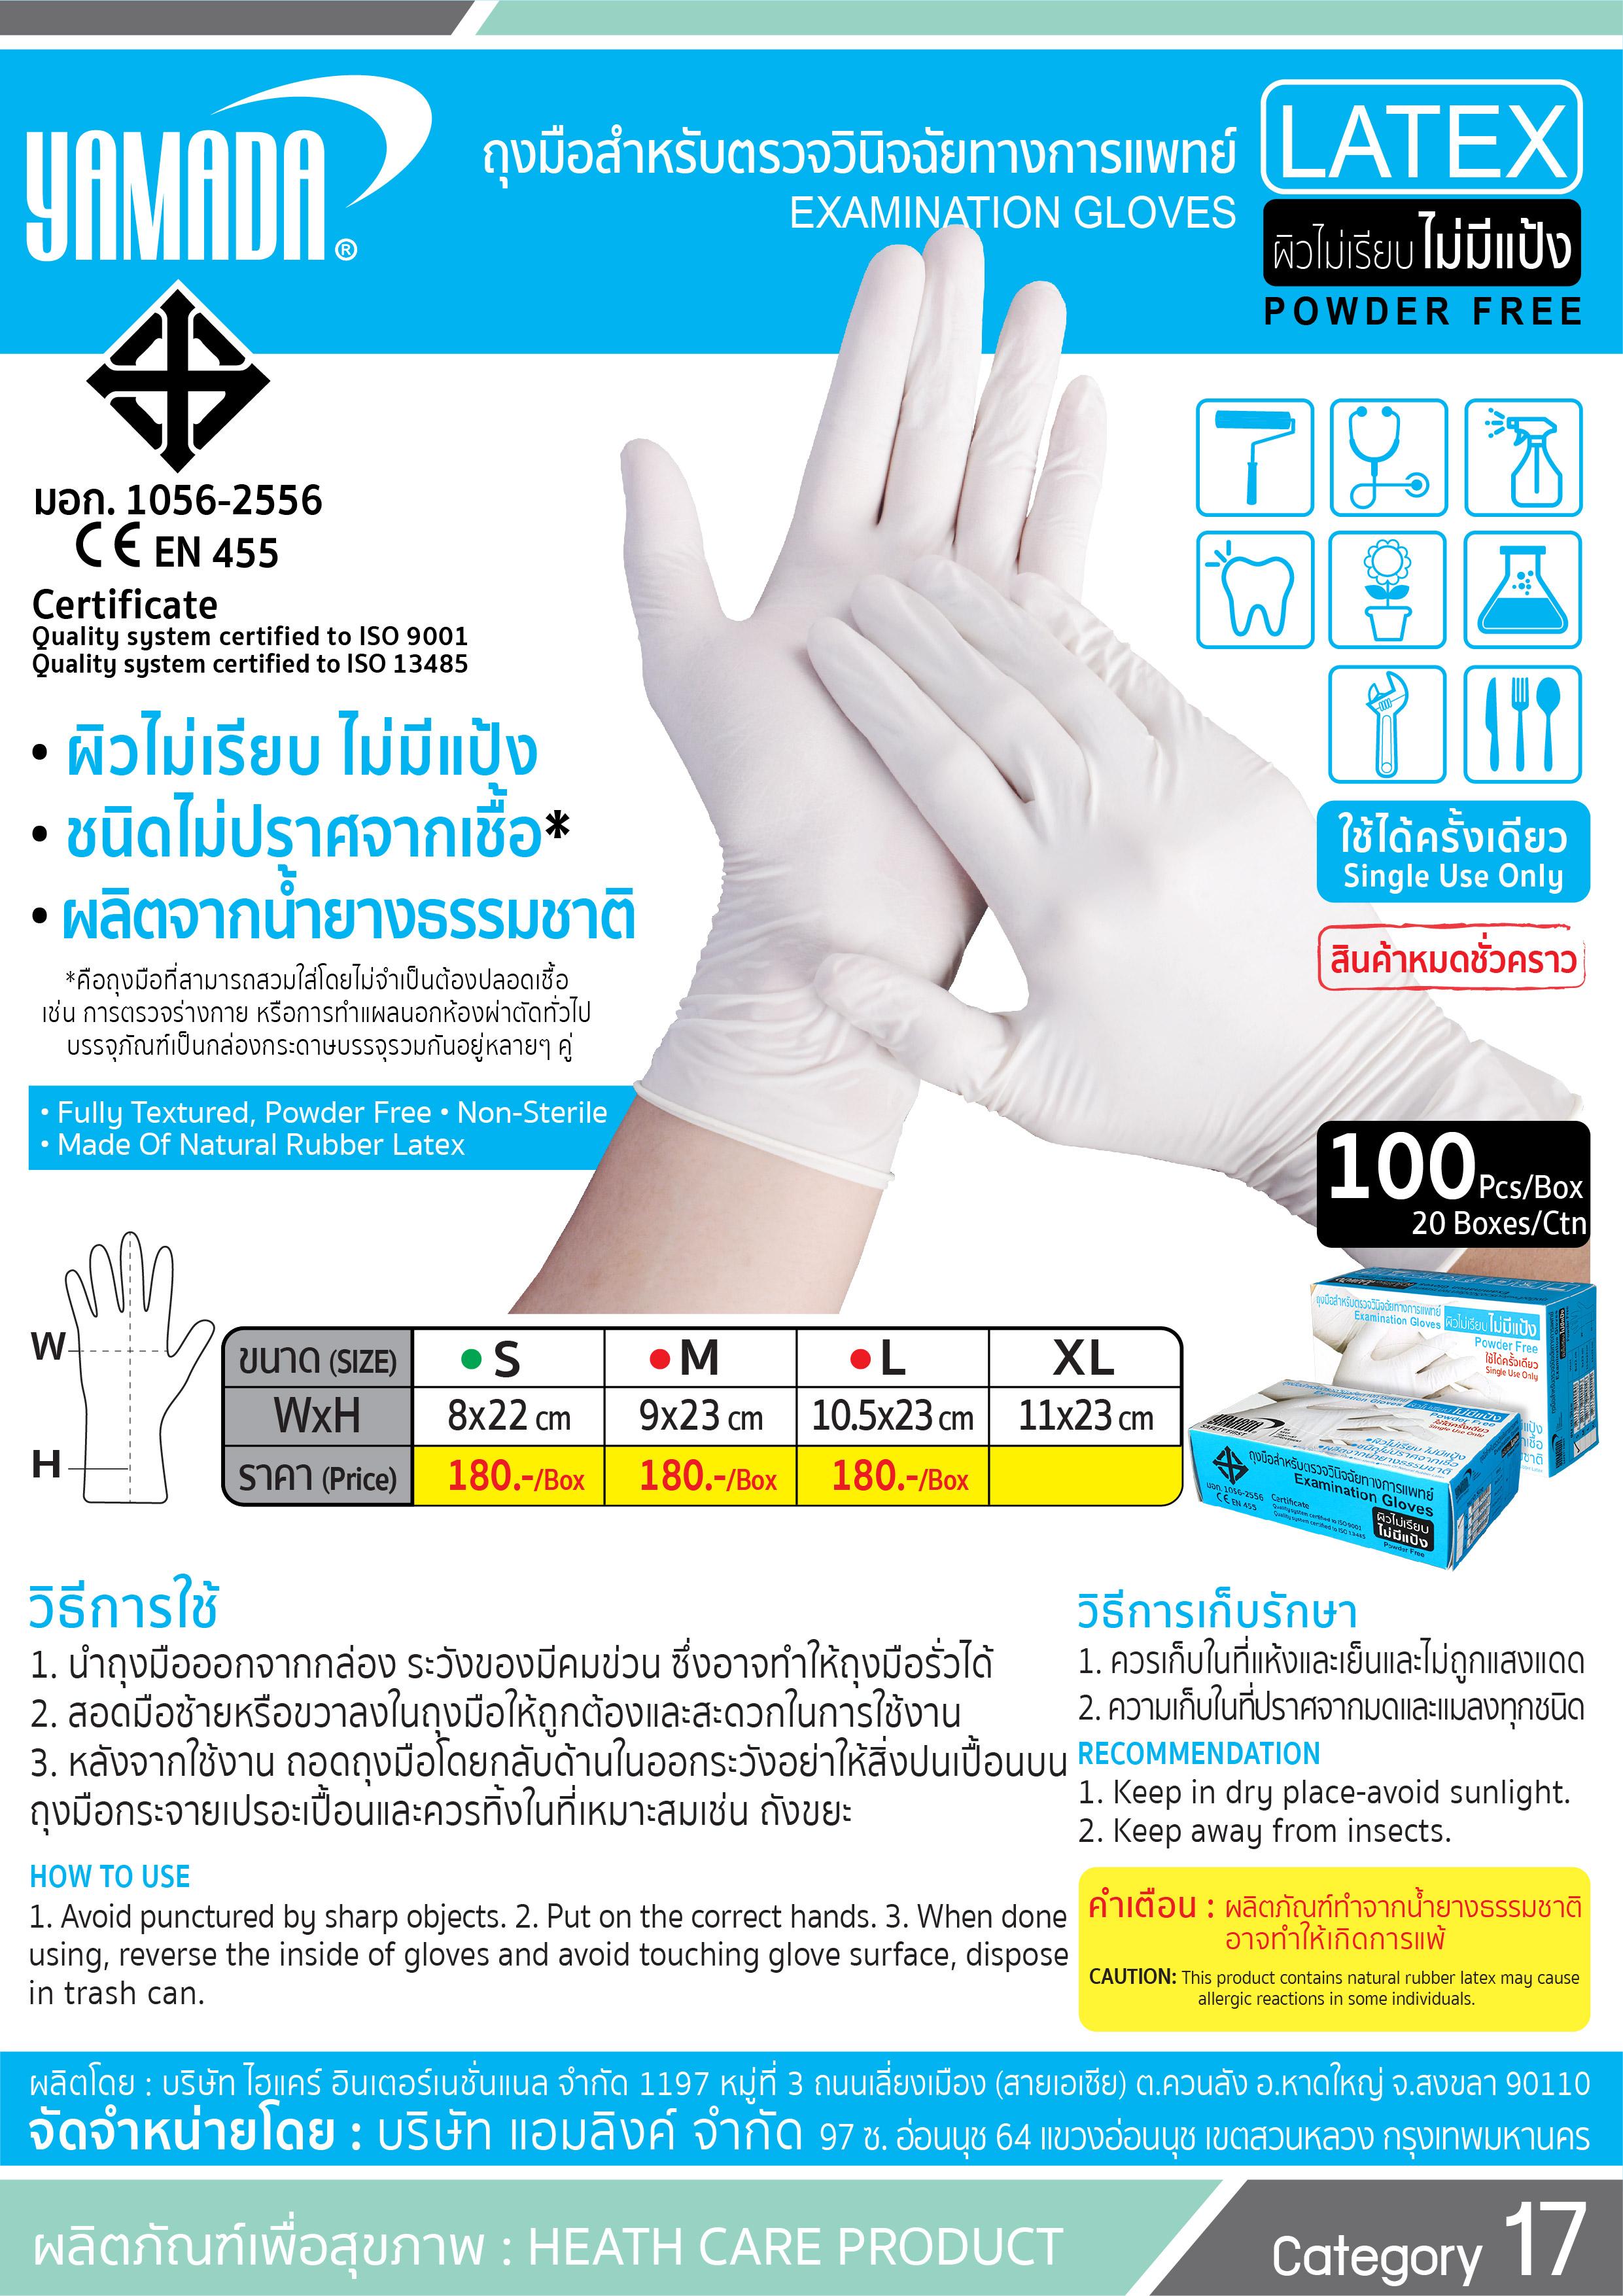 (2/6) ถงมือสำหรับตรวจวินิจฉัยทางการแพทย์